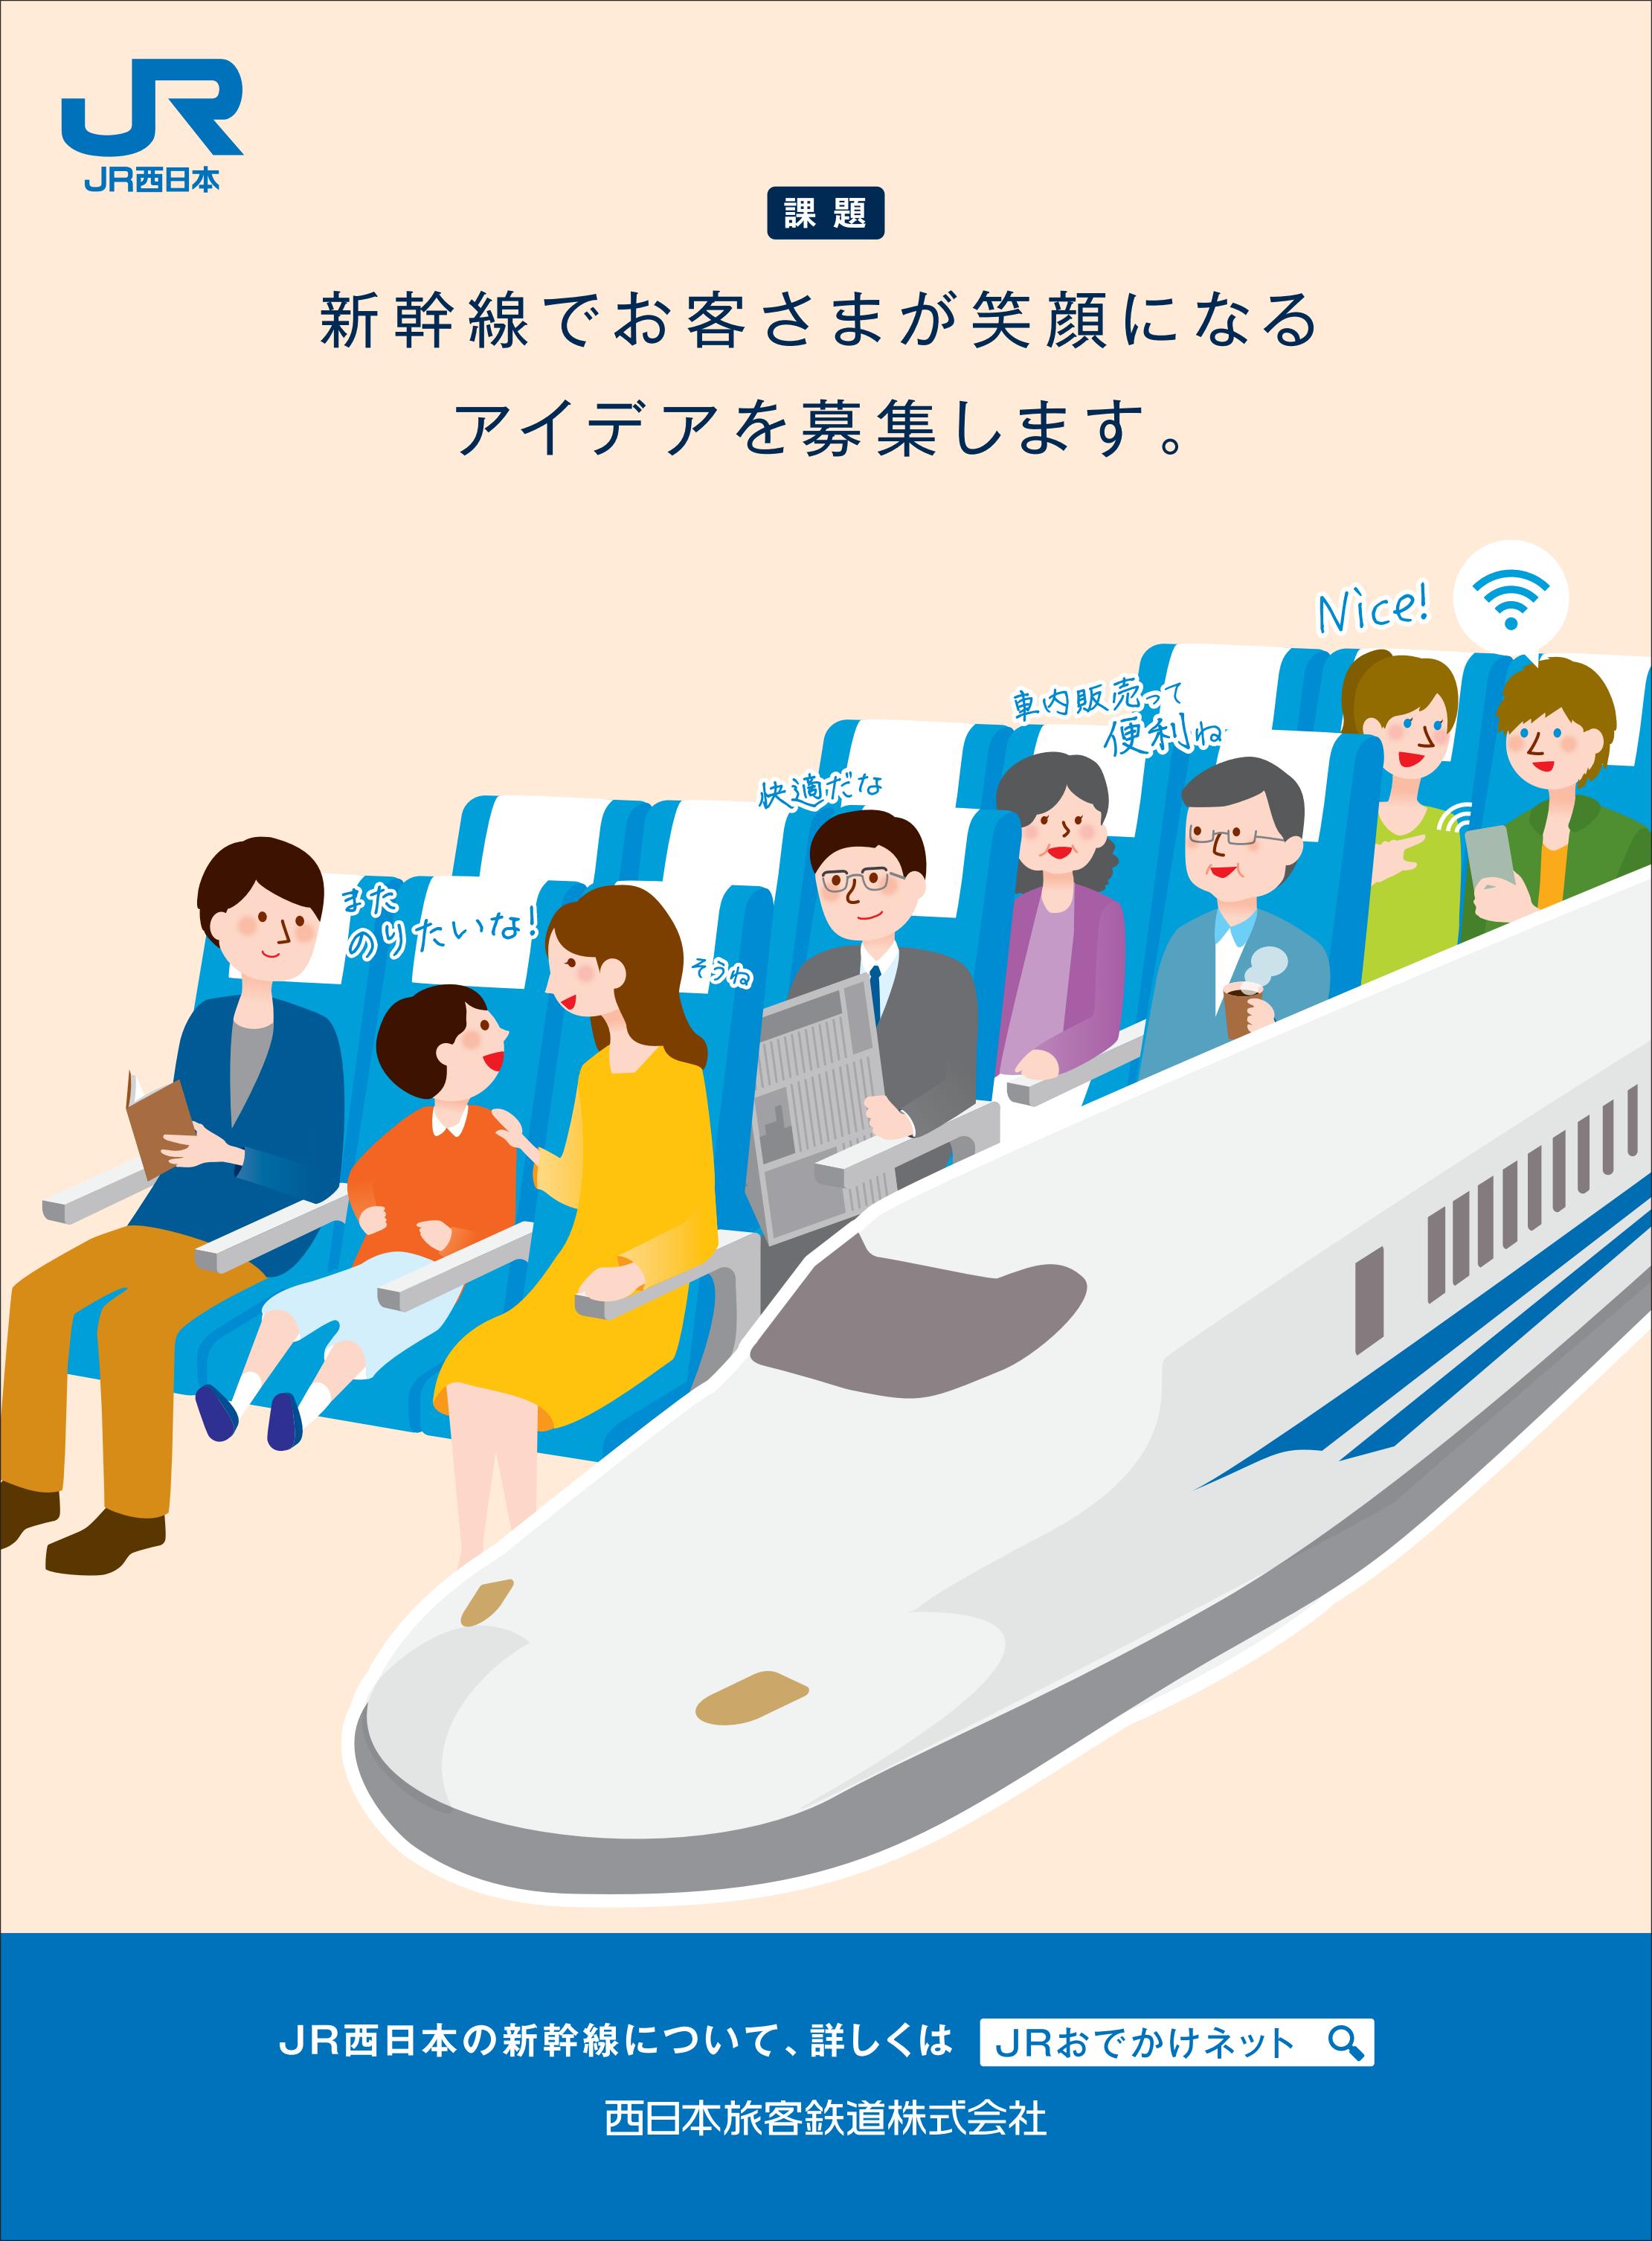 第12回販促コンペ | 西日本旅客鉄道|宣伝会議